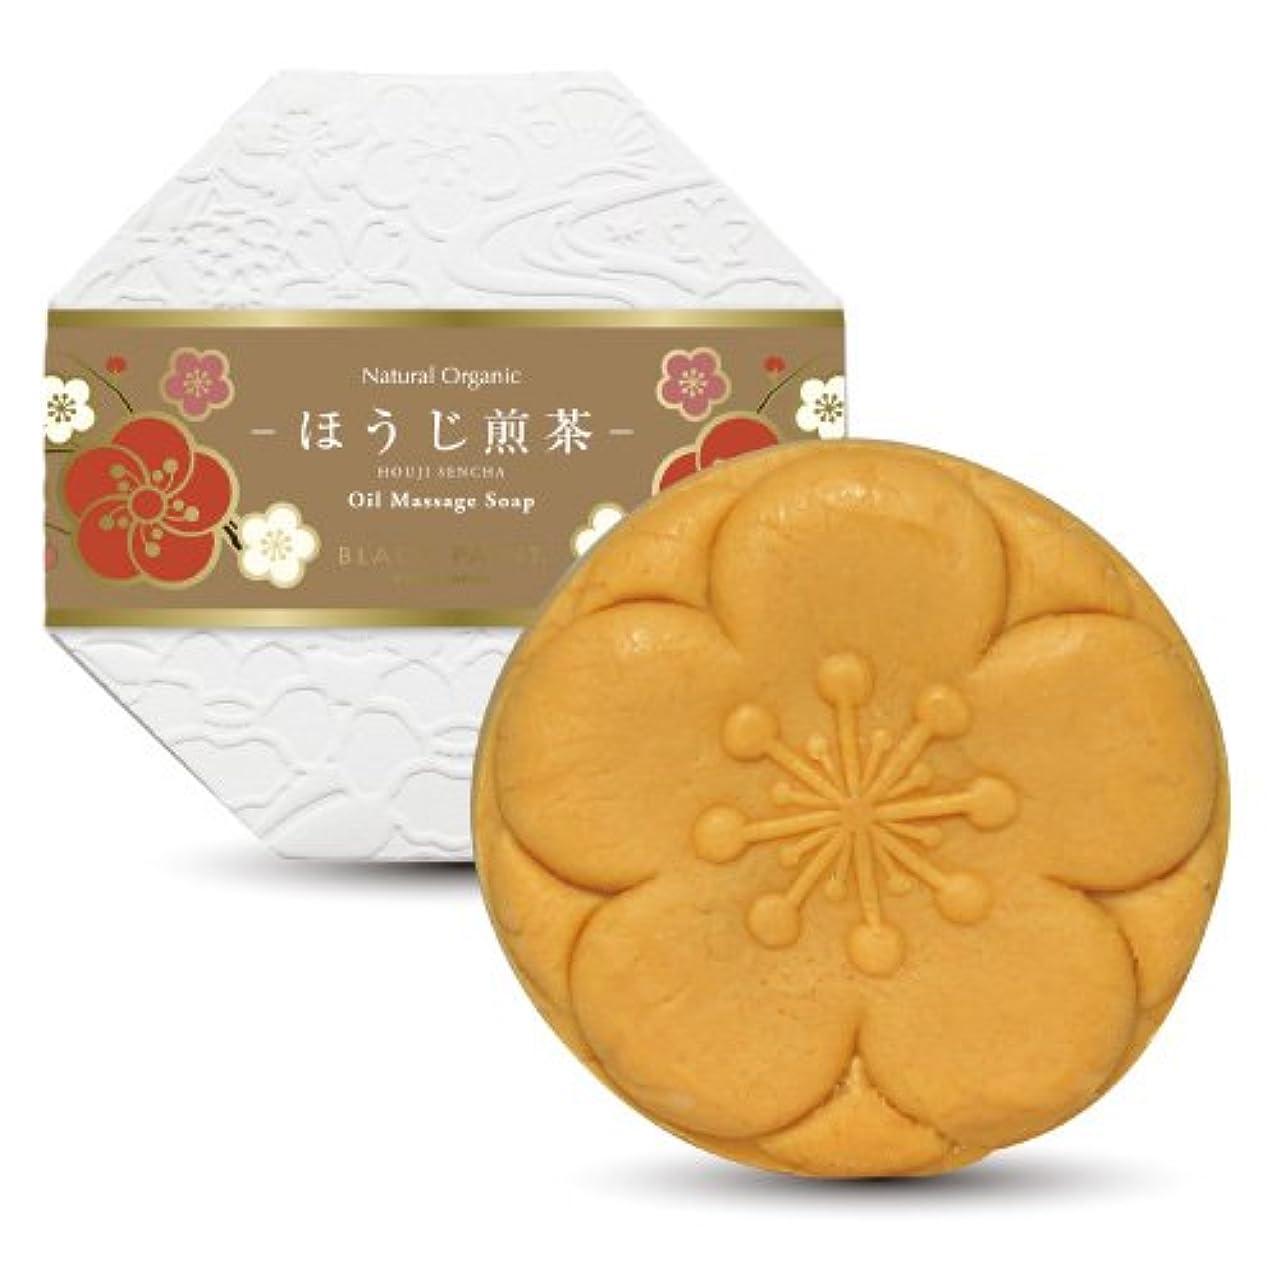 飽和する孤独京のお茶石鹸 ほうじ煎茶 120g 塗る石鹸